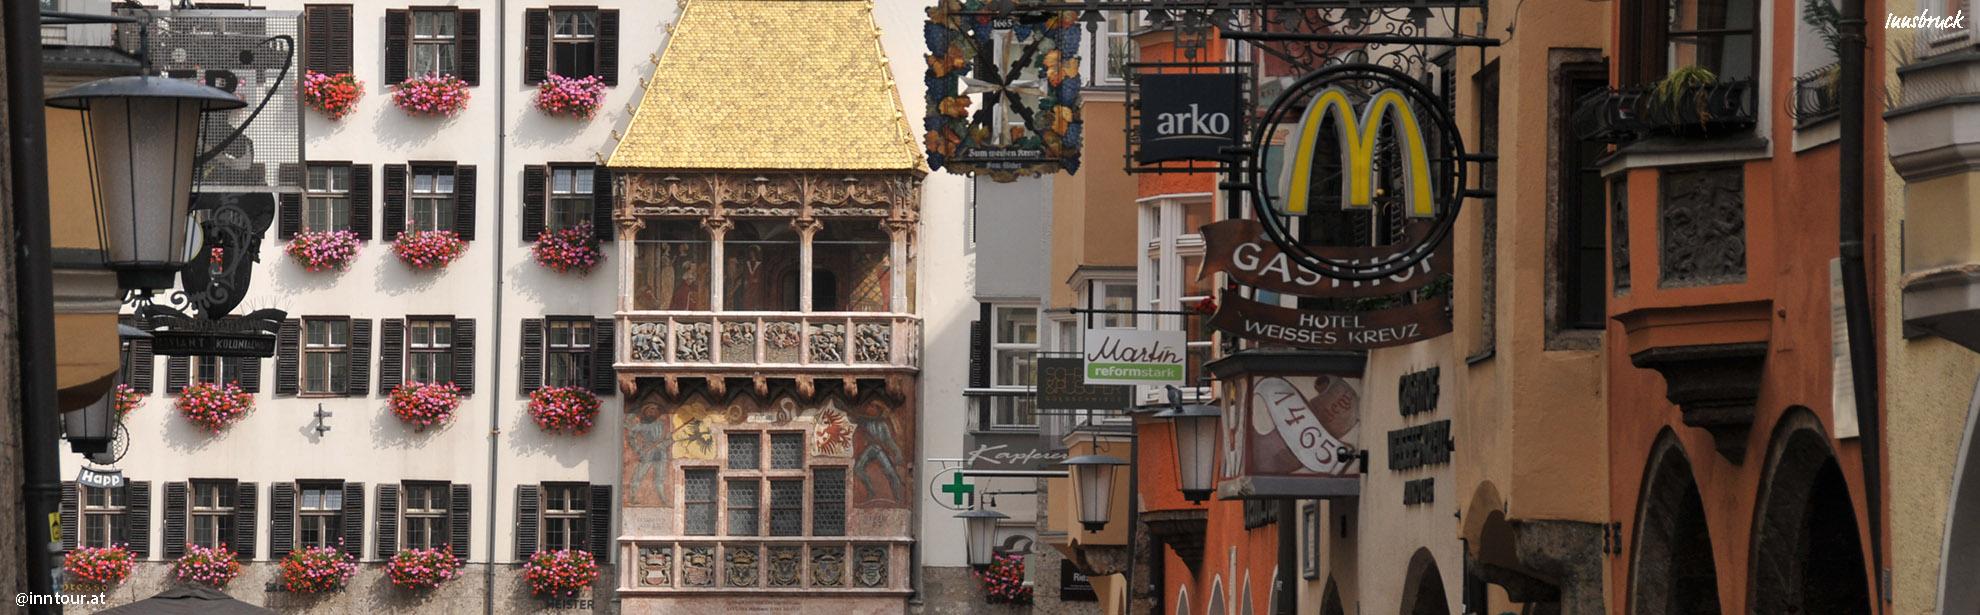 Oinntour_Innsbruck_DSC_2682